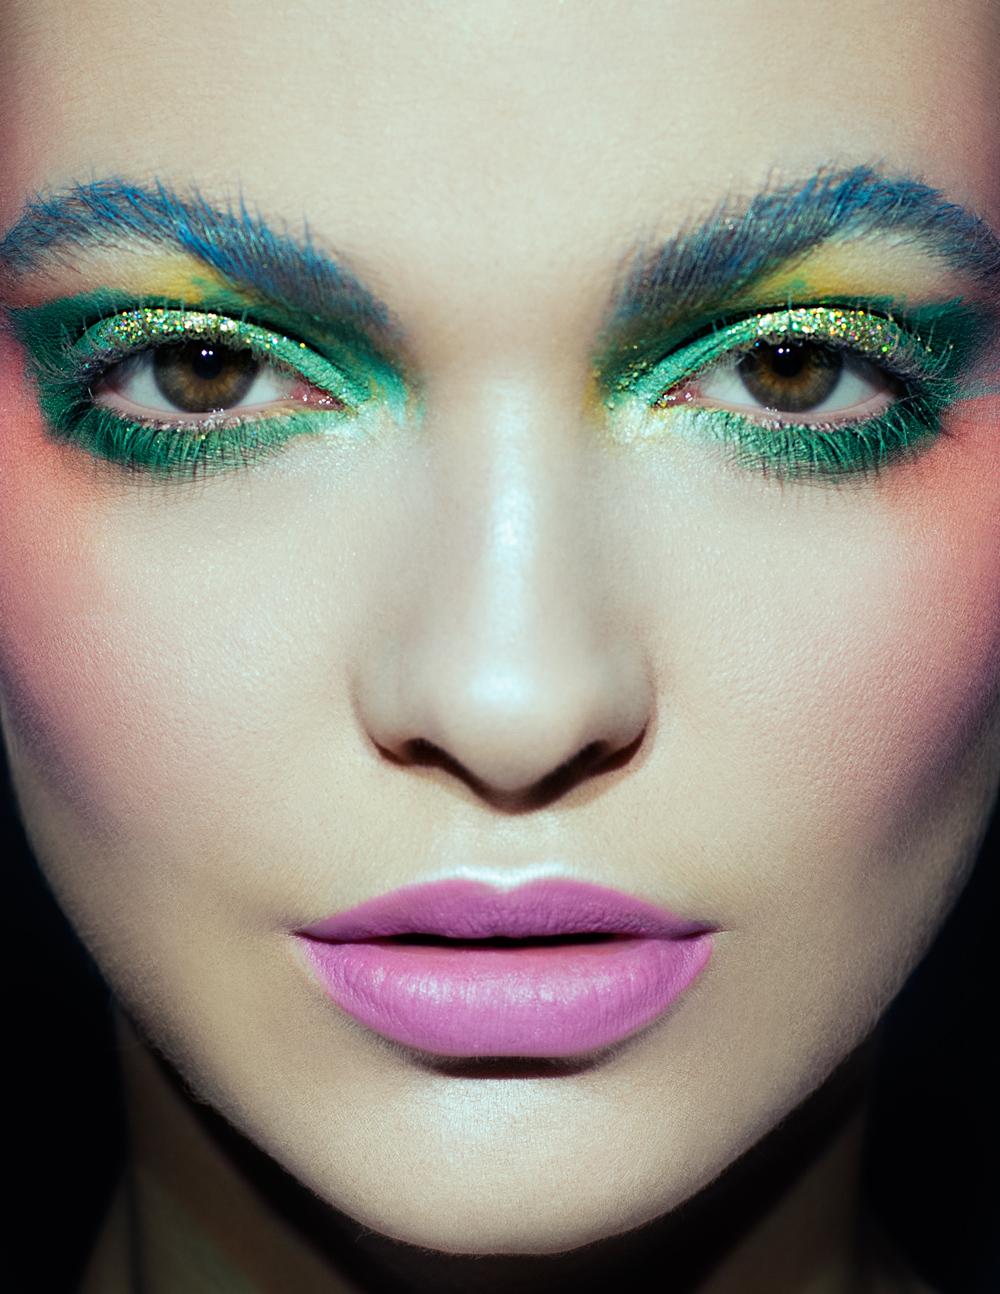 annenicolajsen_mac-colorss1603